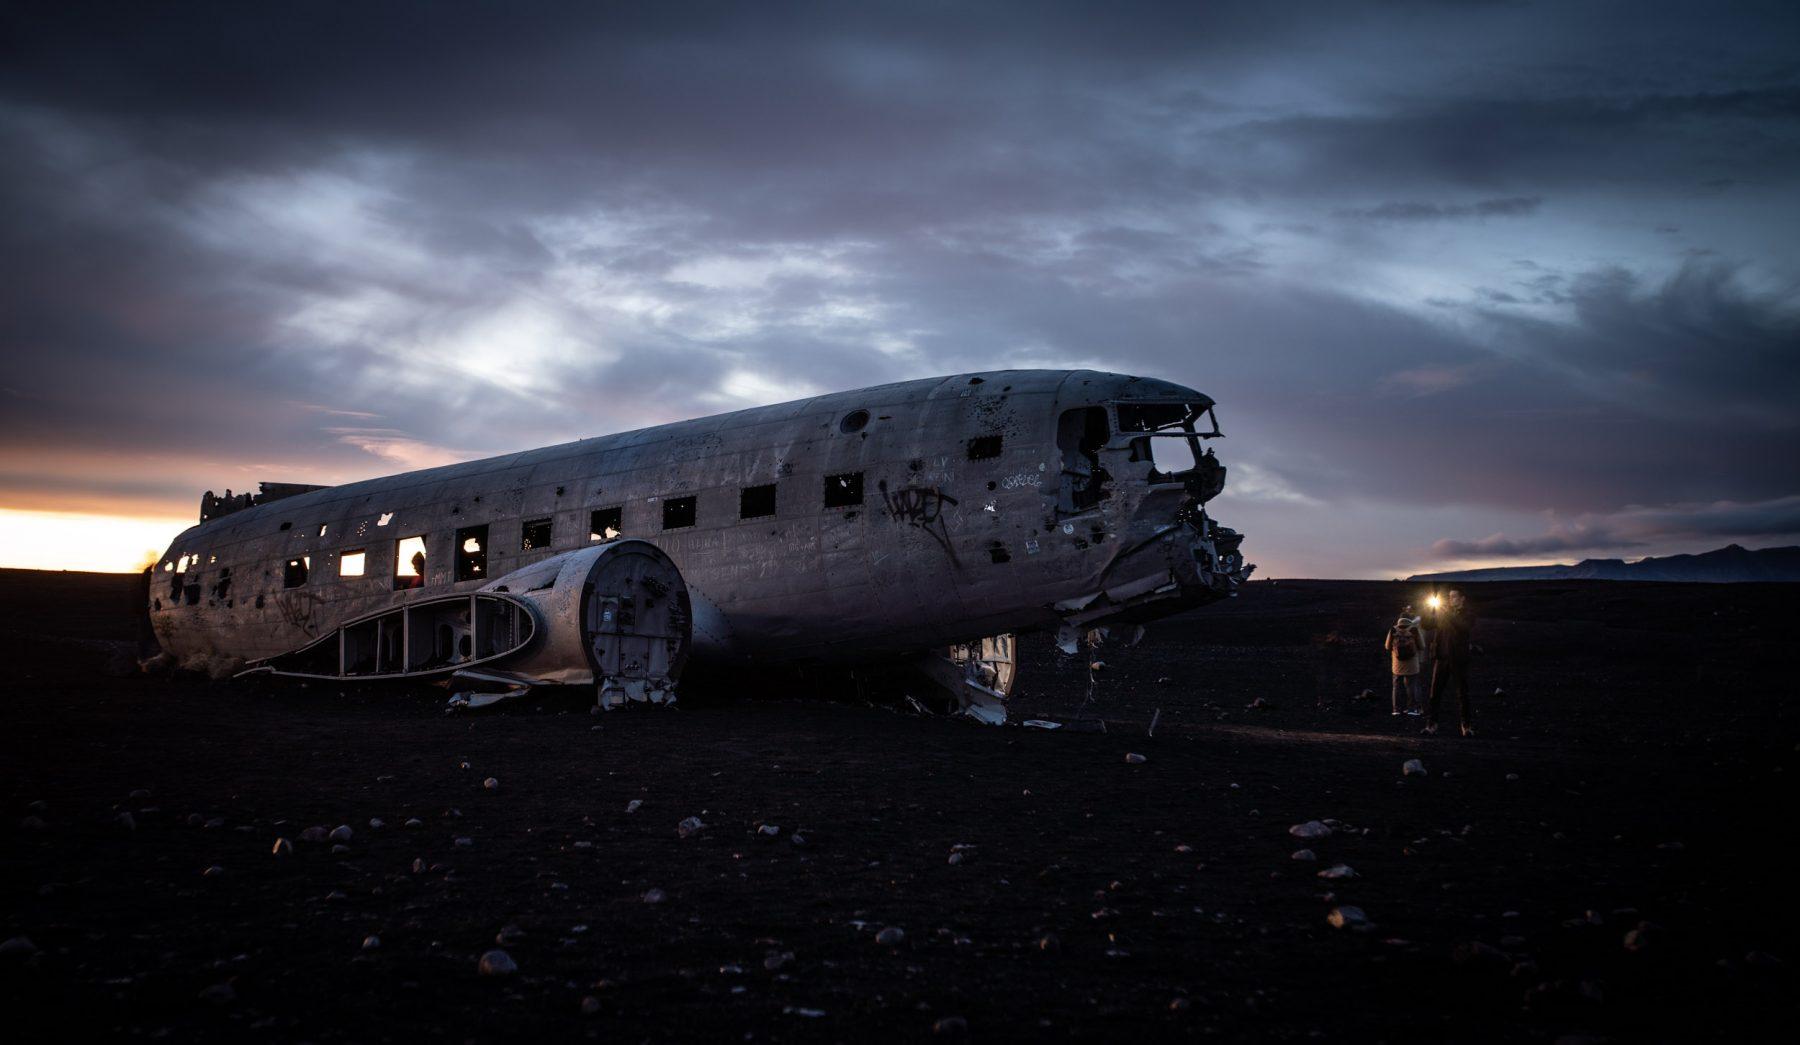 Iceland-DC3_01_01-1-von-1-1800x1045.jpg